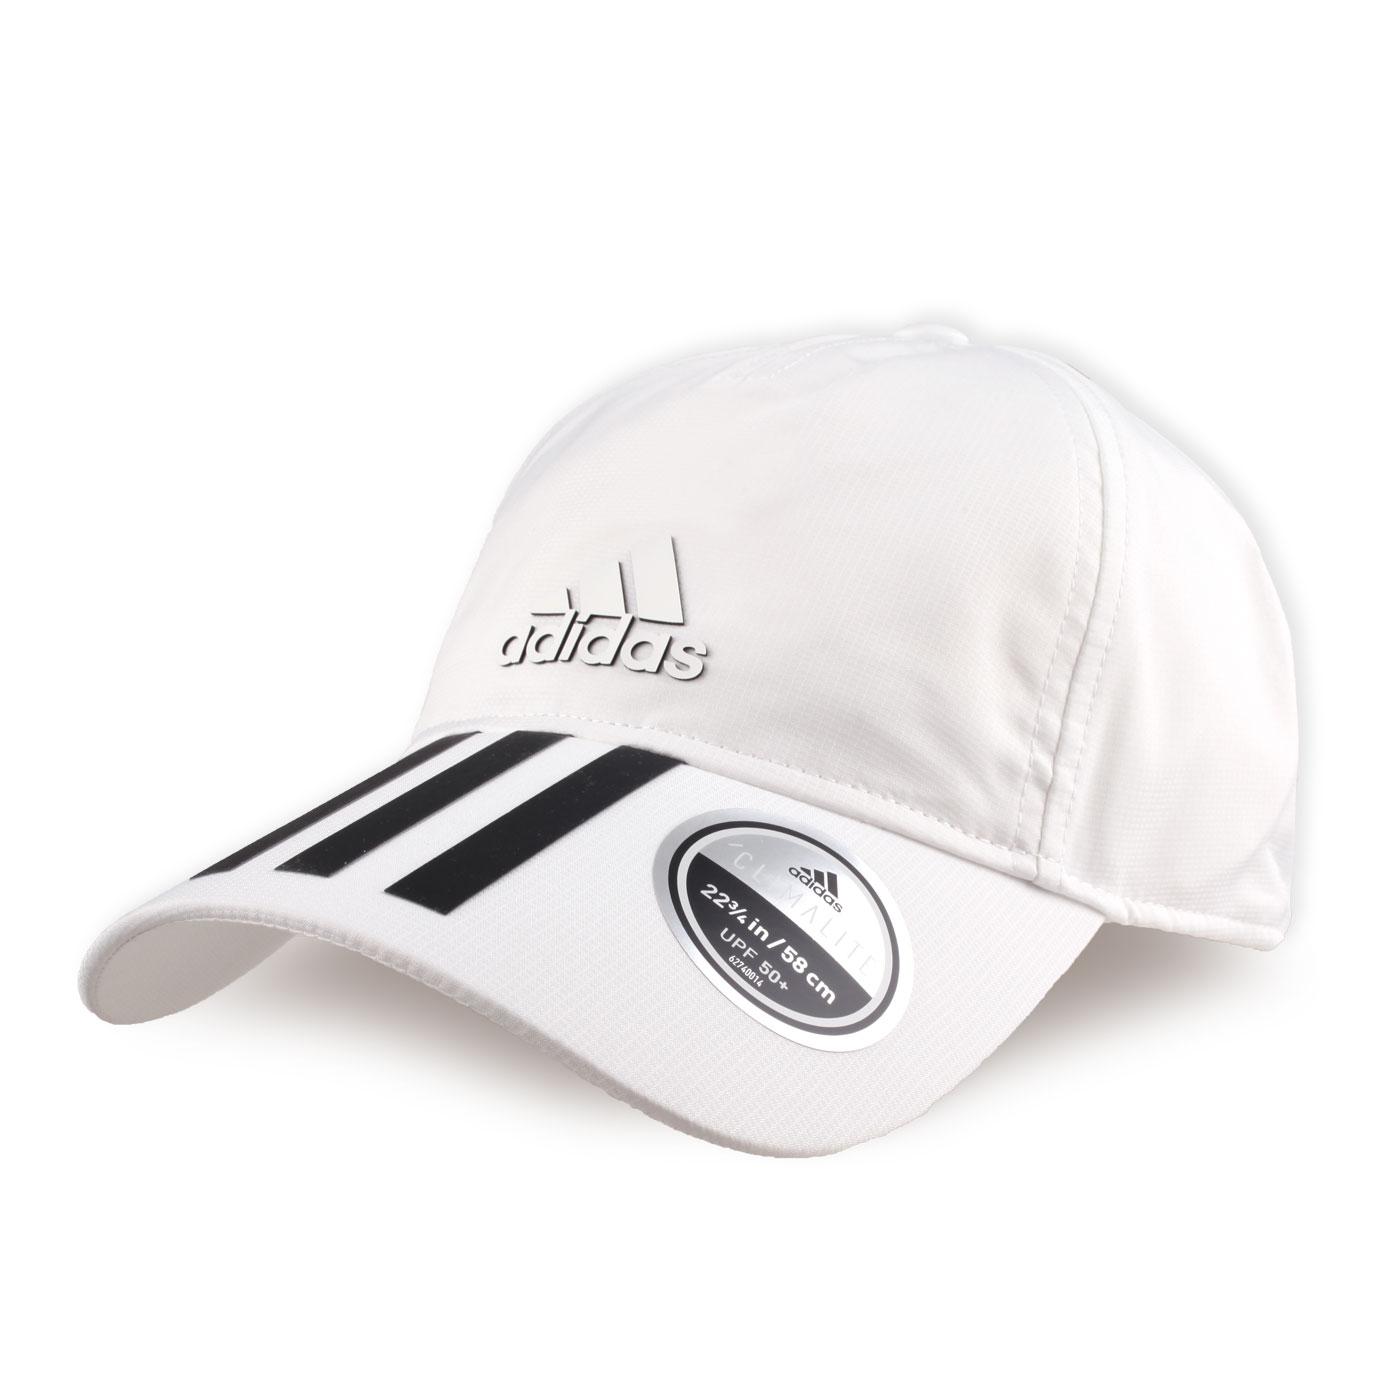 ADIDAS 運動帽(鴨舌帽 帽子 慢跑 路跑 防曬 愛迪達【98490552】≡排汗專家≡